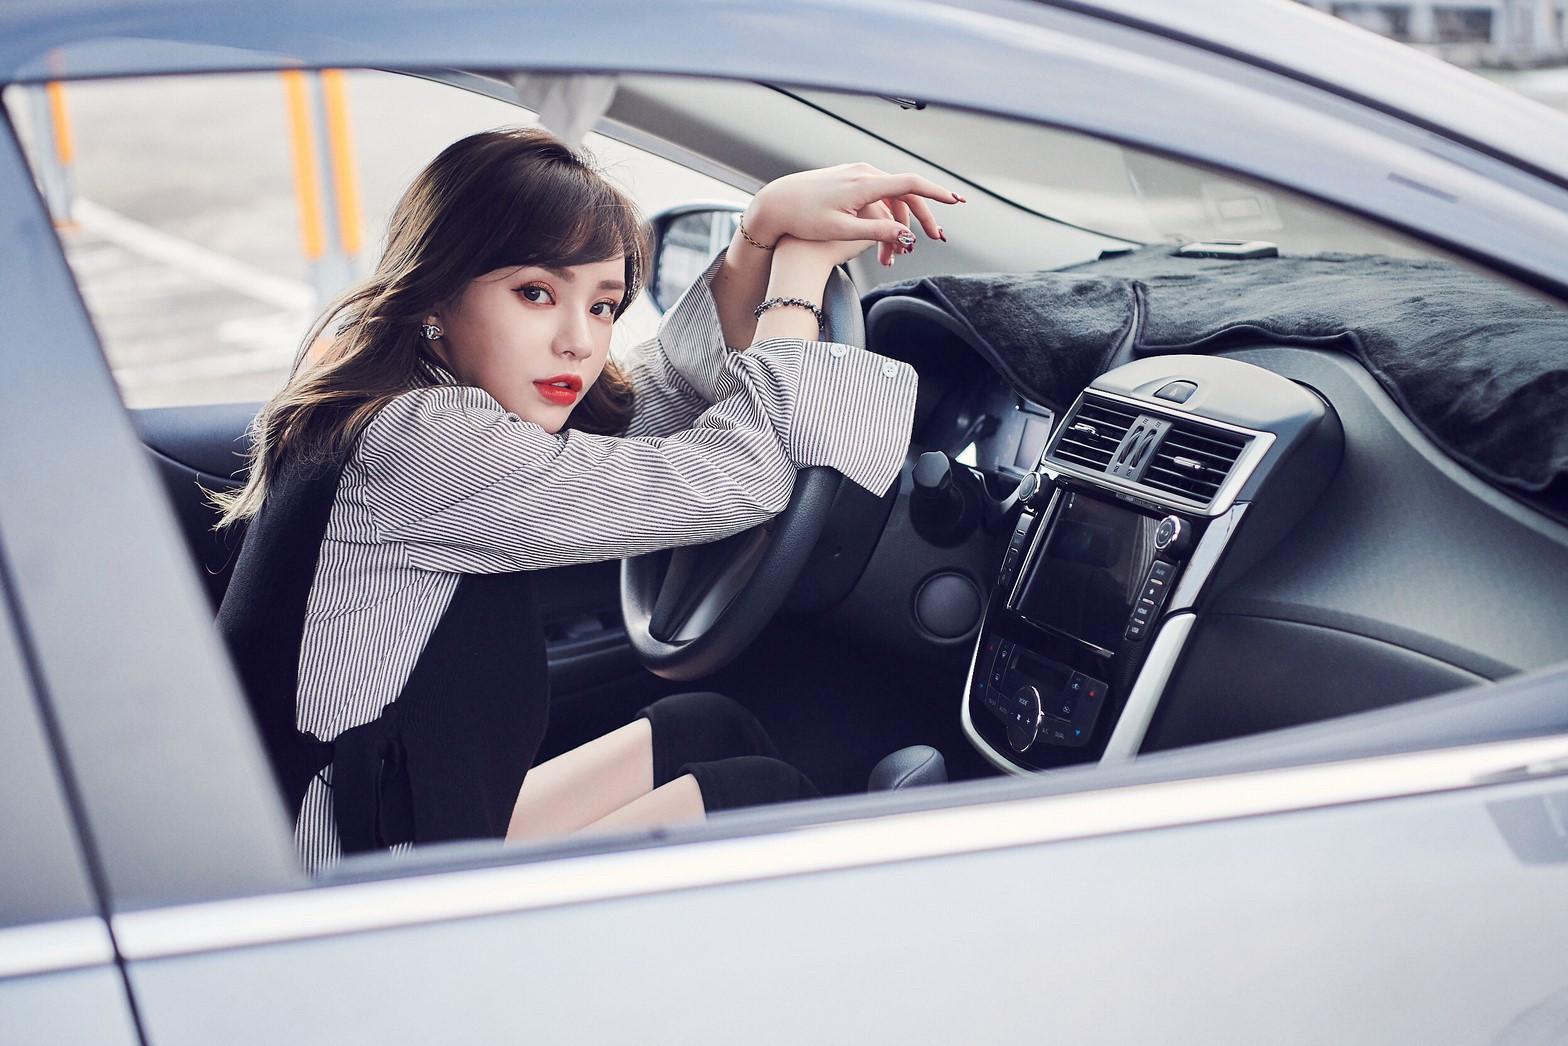 ▲除了自己的通勤需求,陳斯亞買車也為了家人,所以也很在意車輛的舒適功能和安全配備。